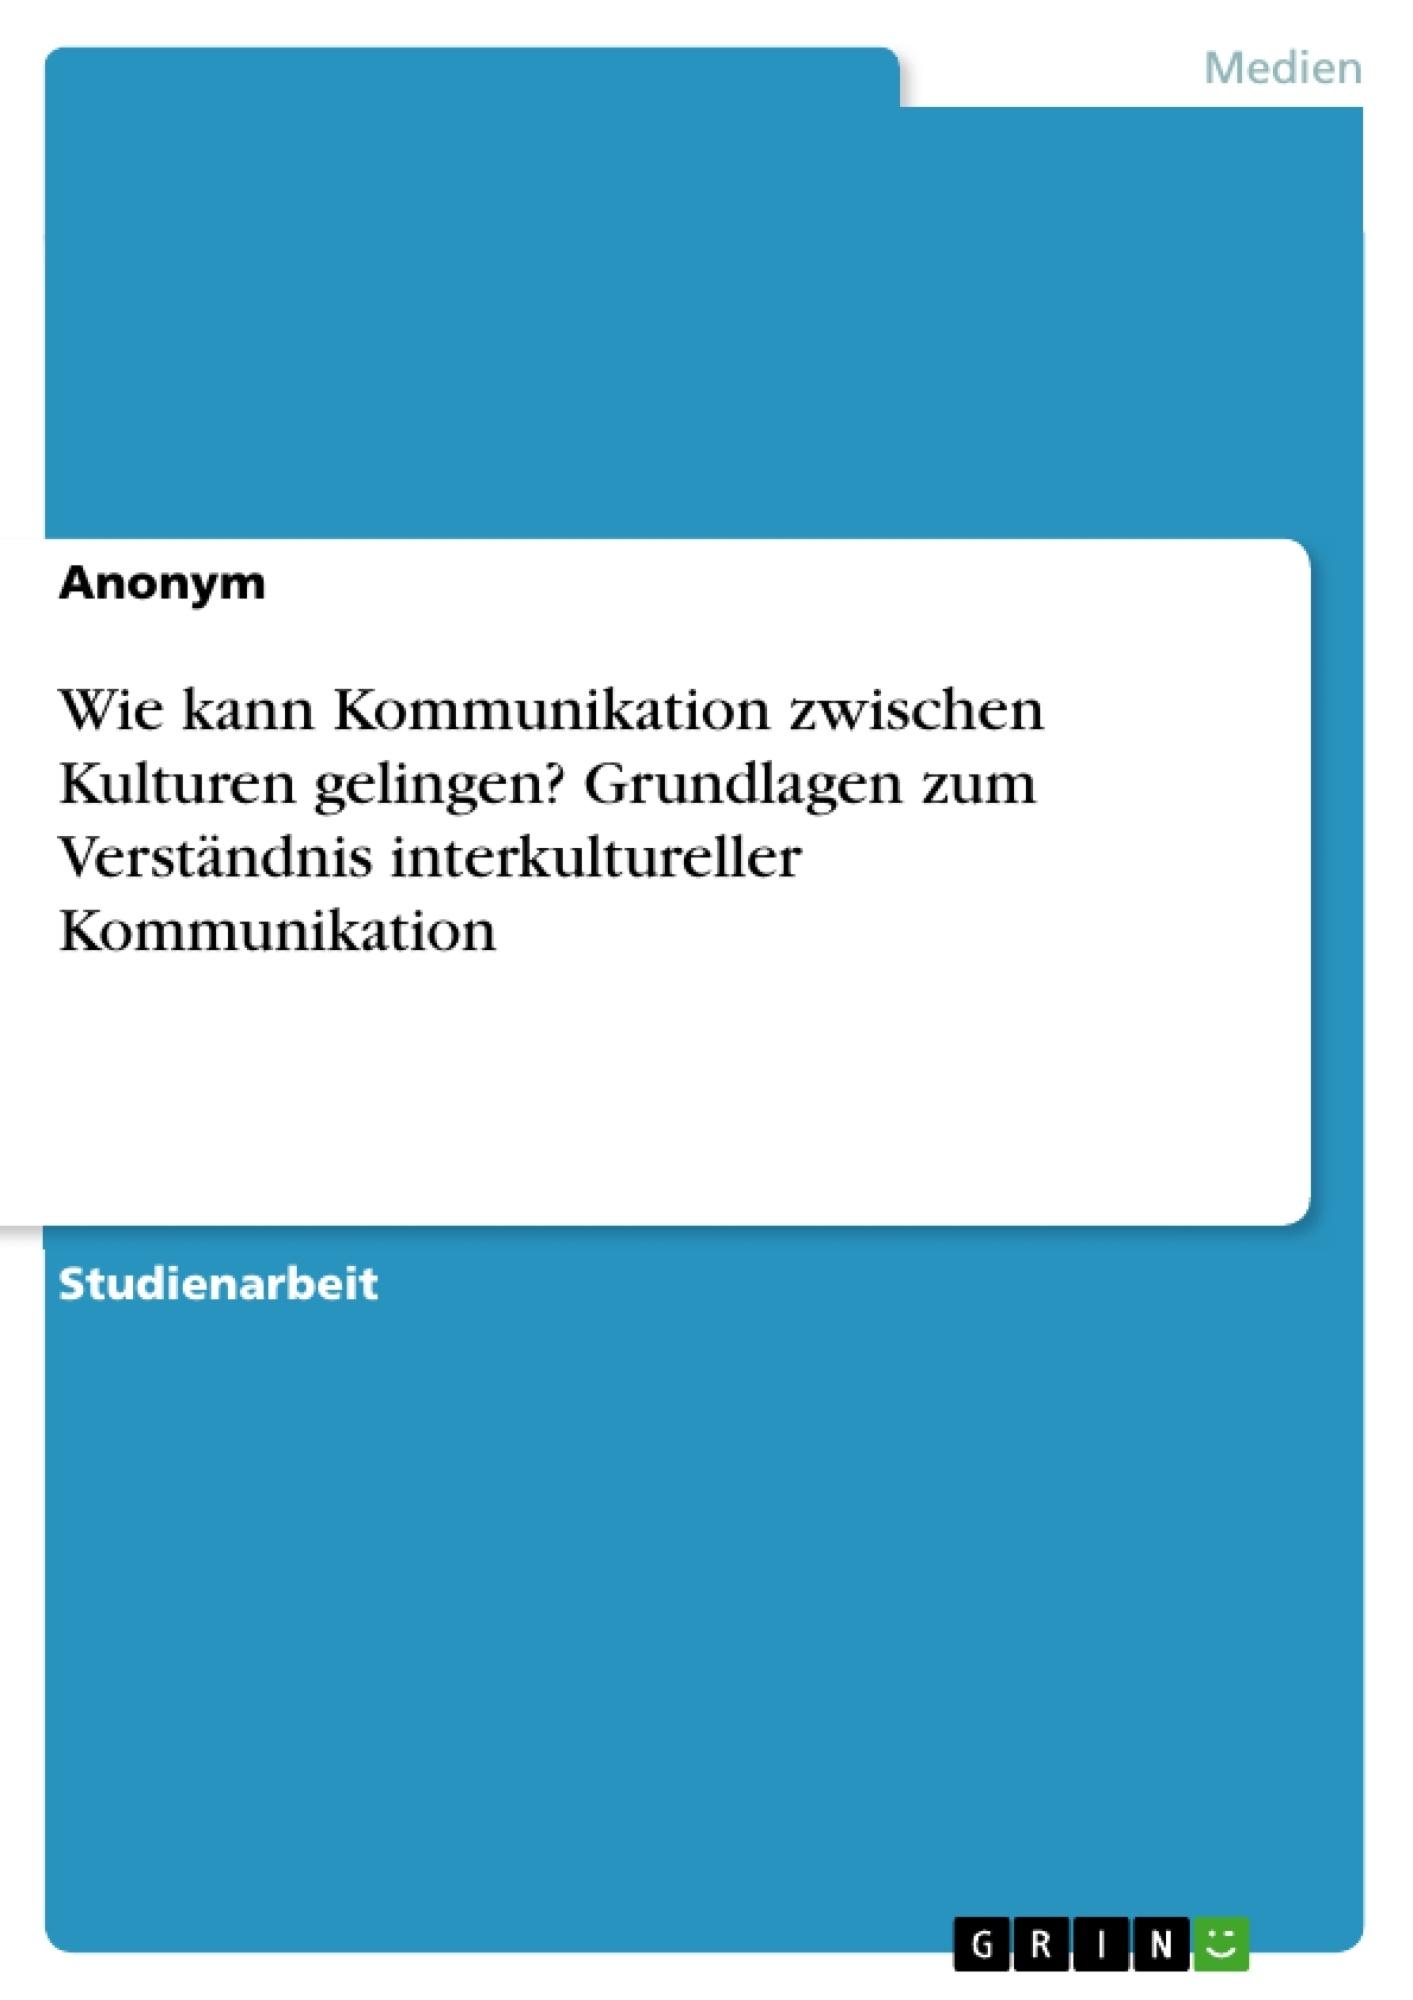 Titel: Wie kann Kommunikation zwischen Kulturen gelingen? Grundlagen zum Verständnis interkultureller Kommunikation